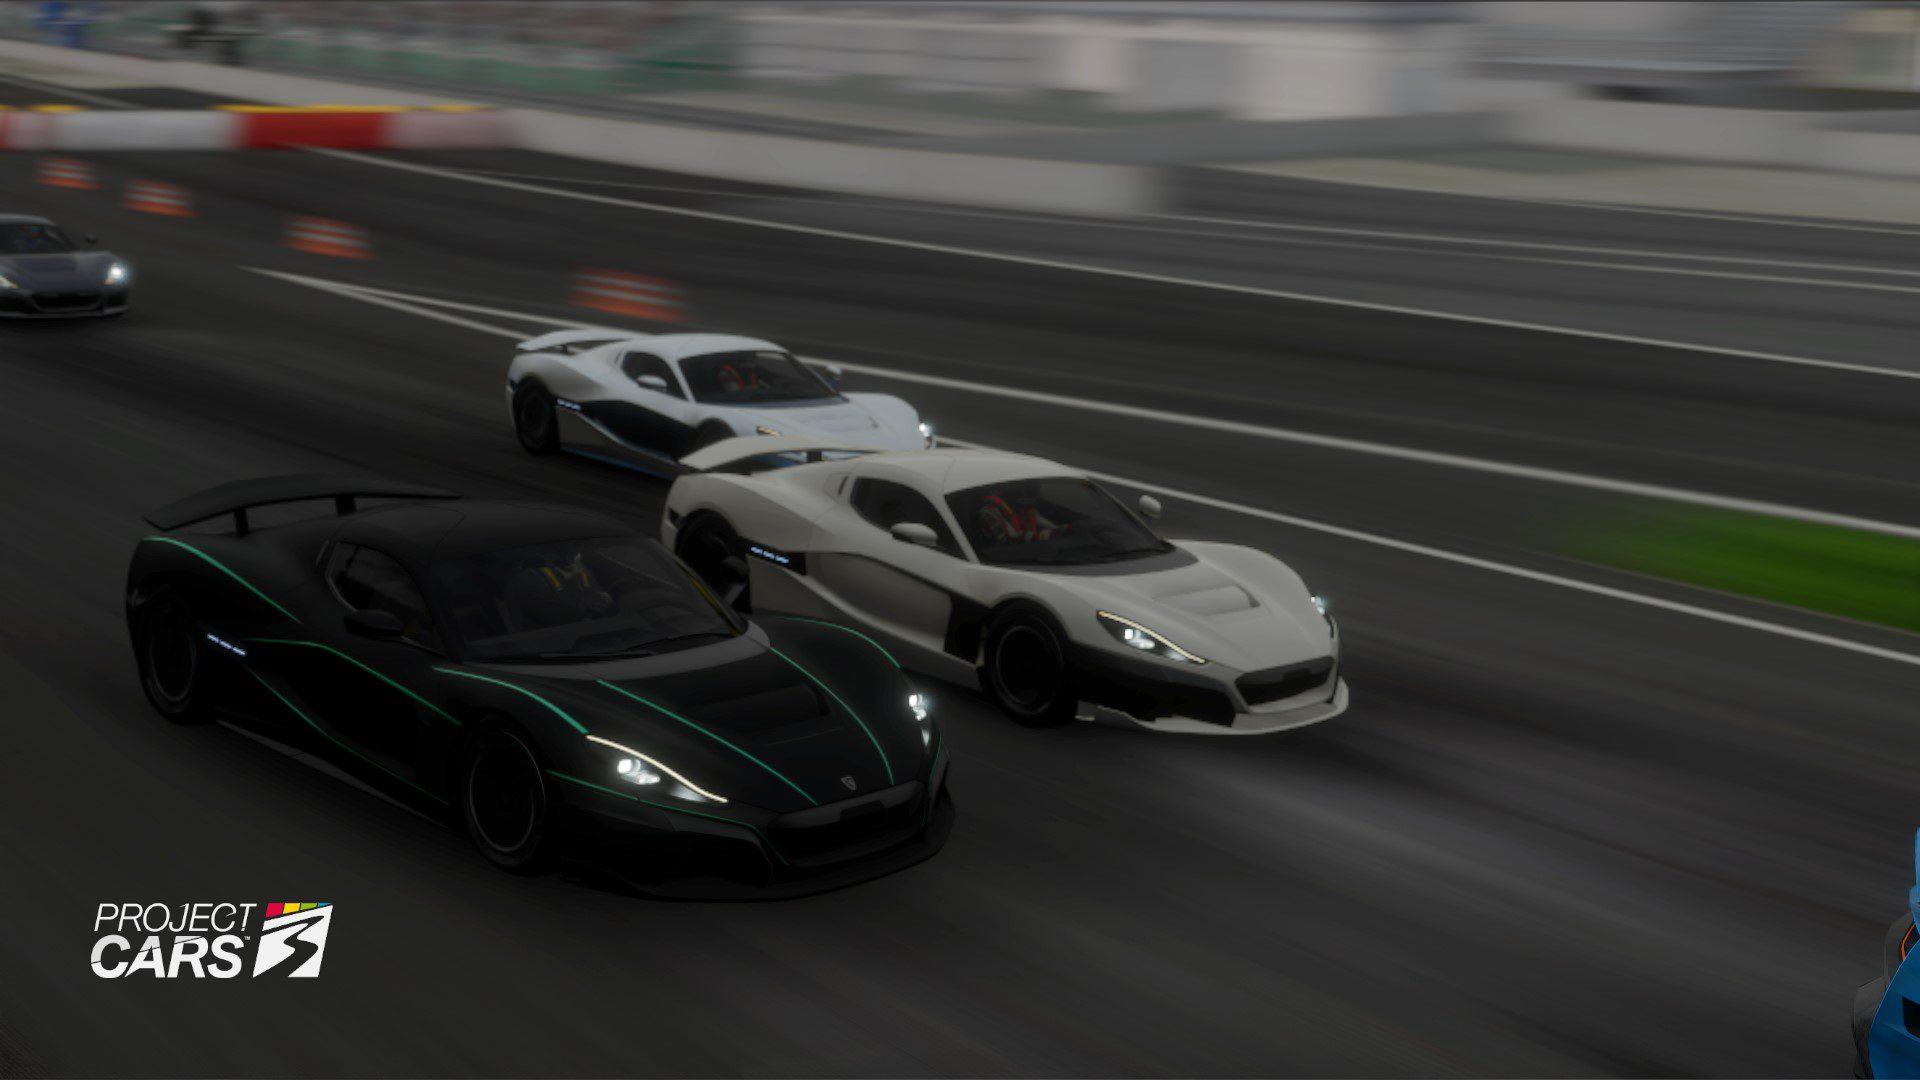 Análisis de Project Cars 3